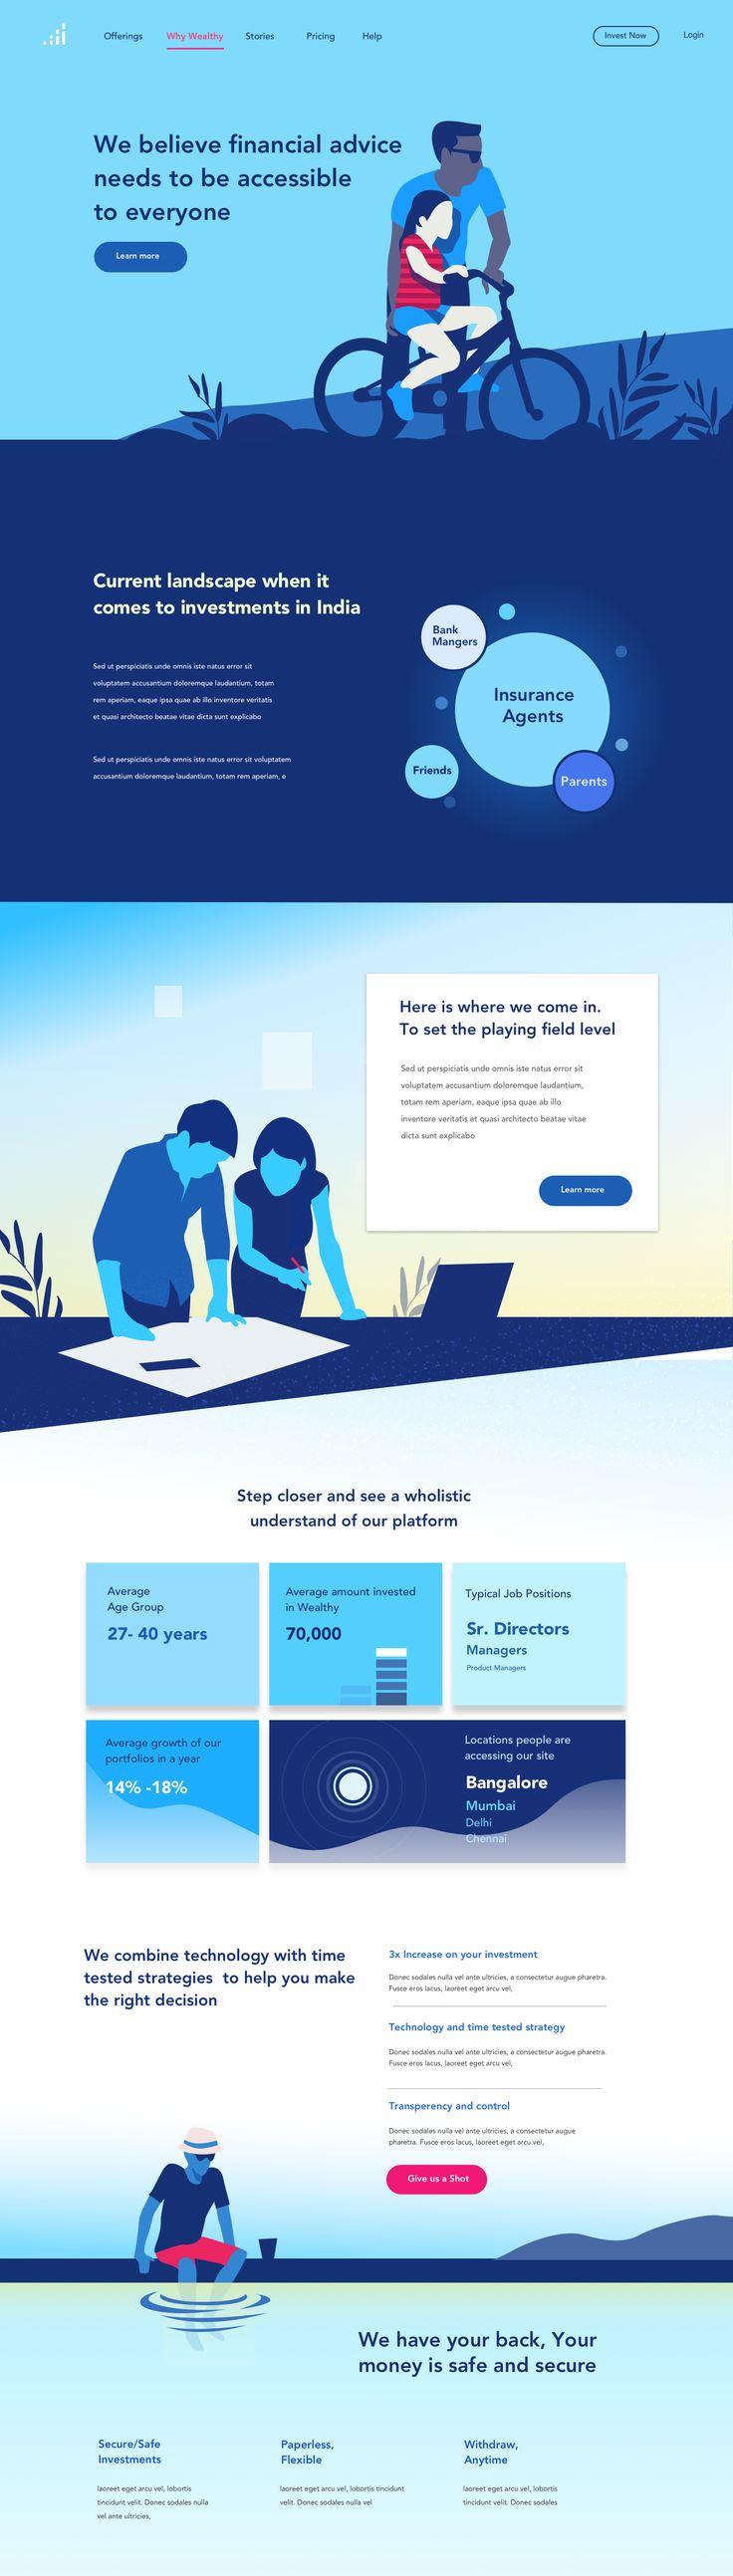 730 best web images on Pinterest | Website designs, Design web and ...